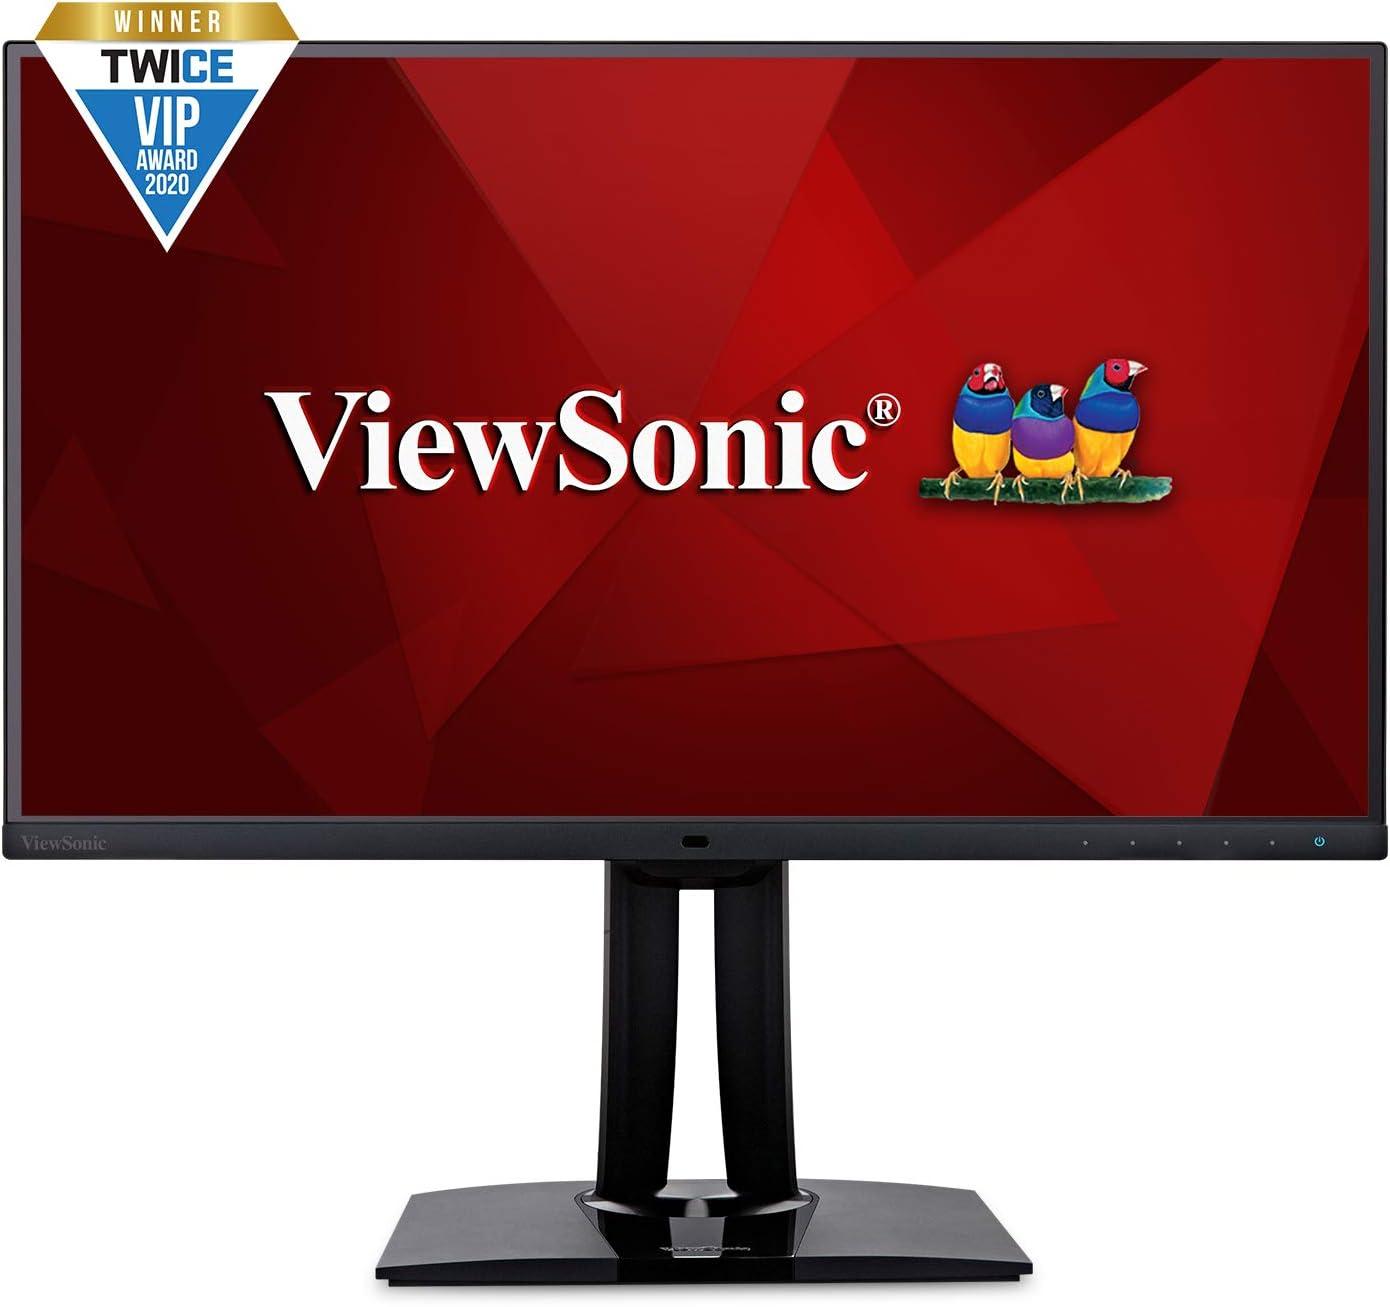 ViewSonic VP2458 Monitor